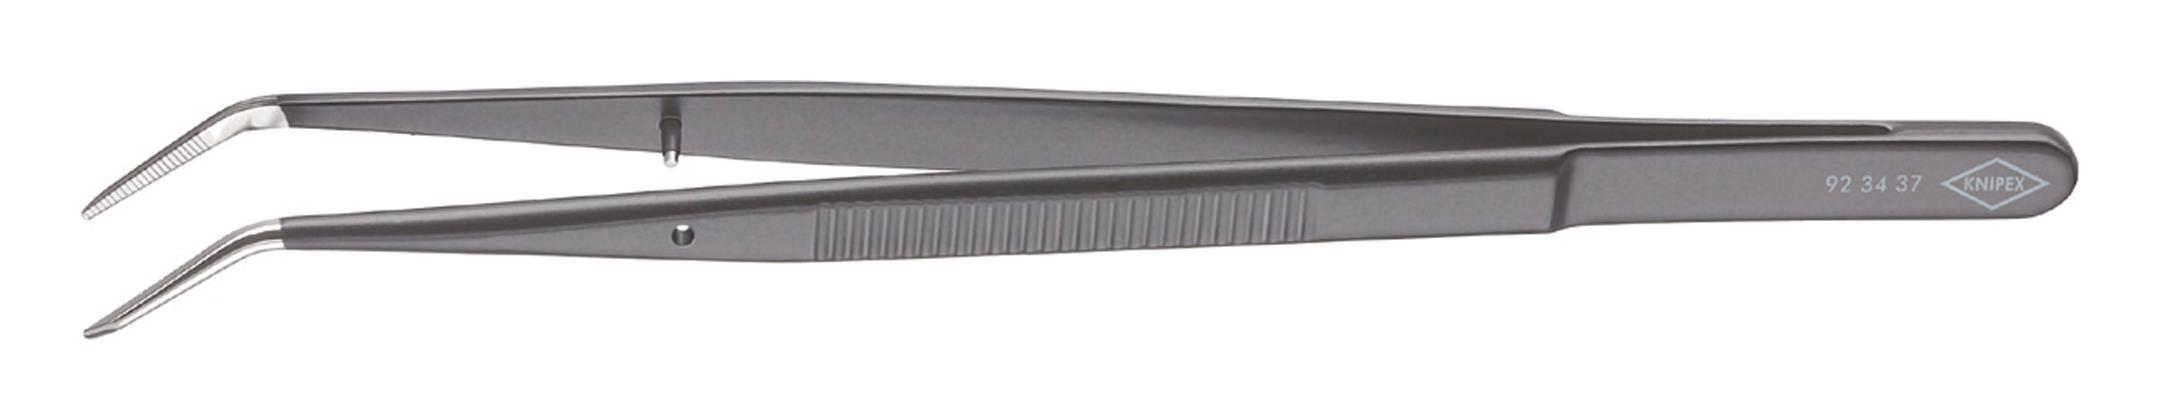 Knipex Präzisions-Pinzette schwarz 155mm spitz gebogen - 92 34 37